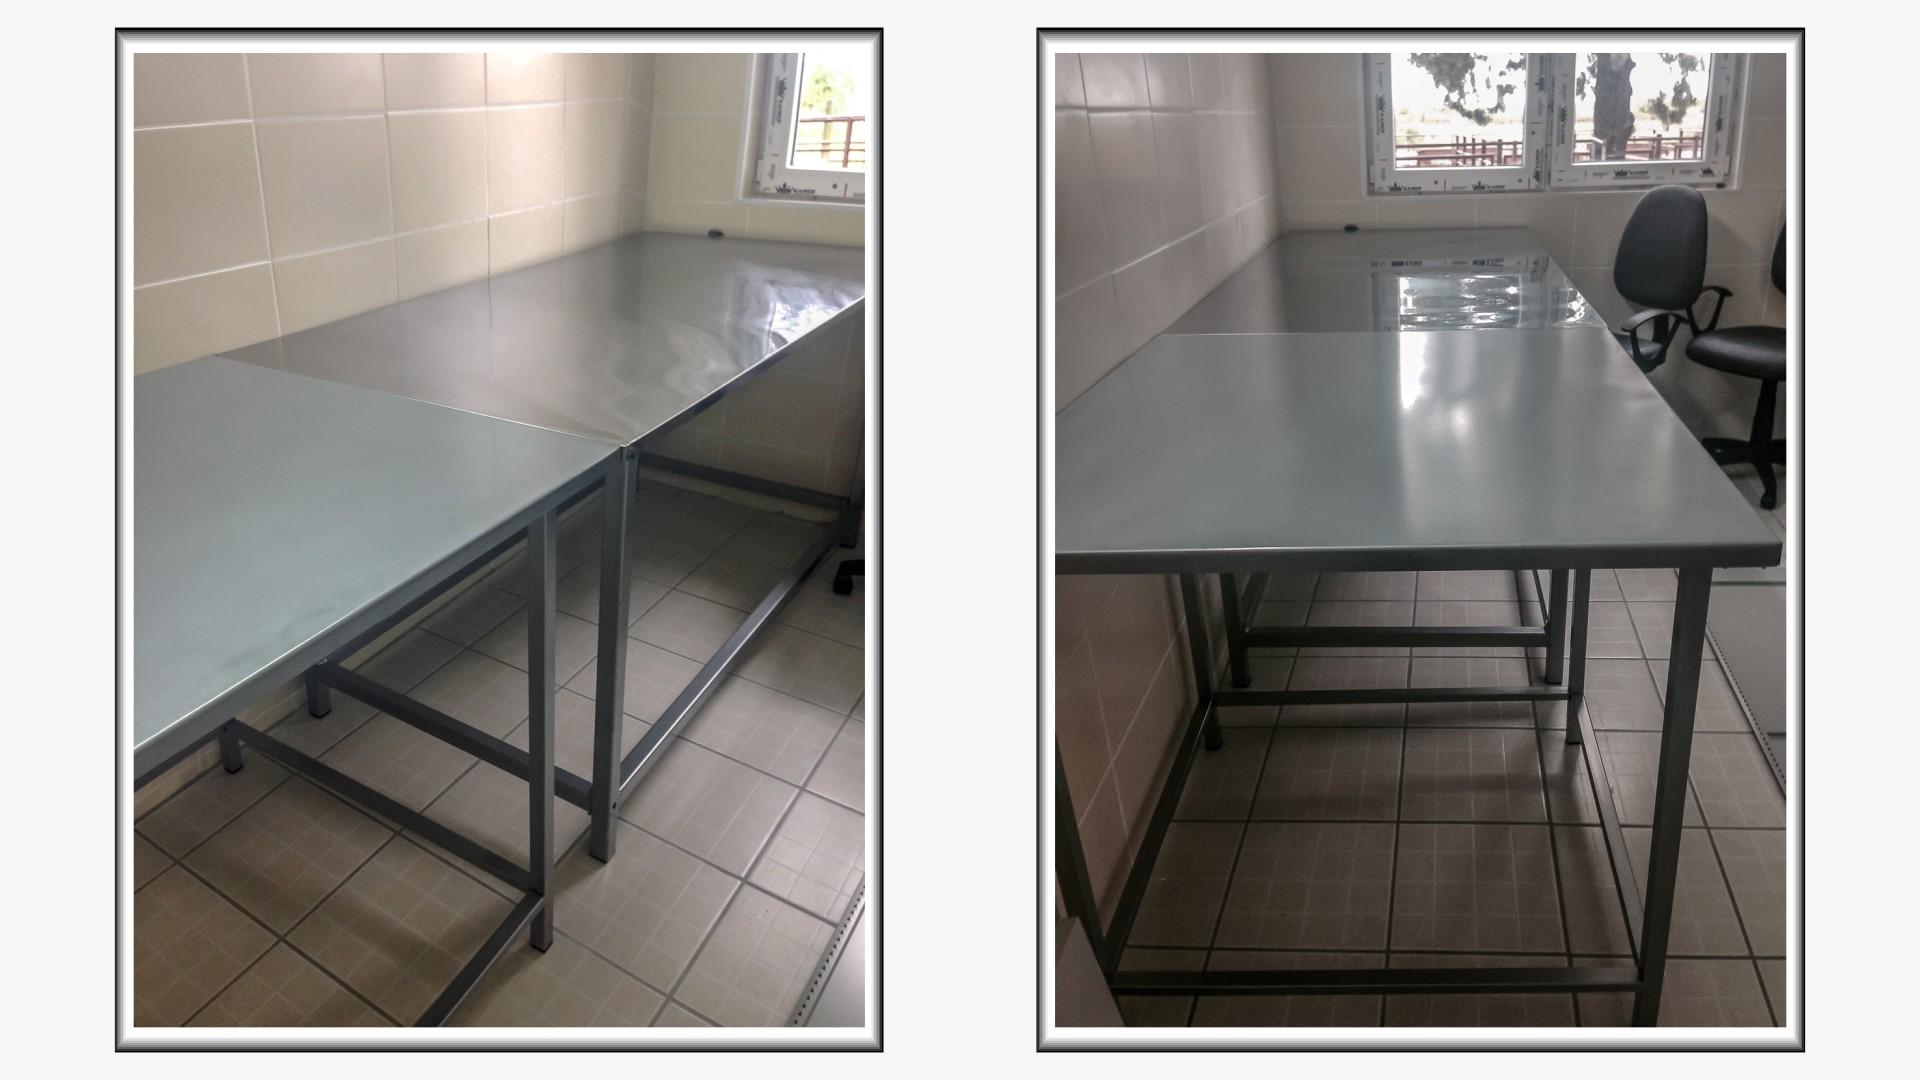 Metalni stolovi za pregled zivotinja